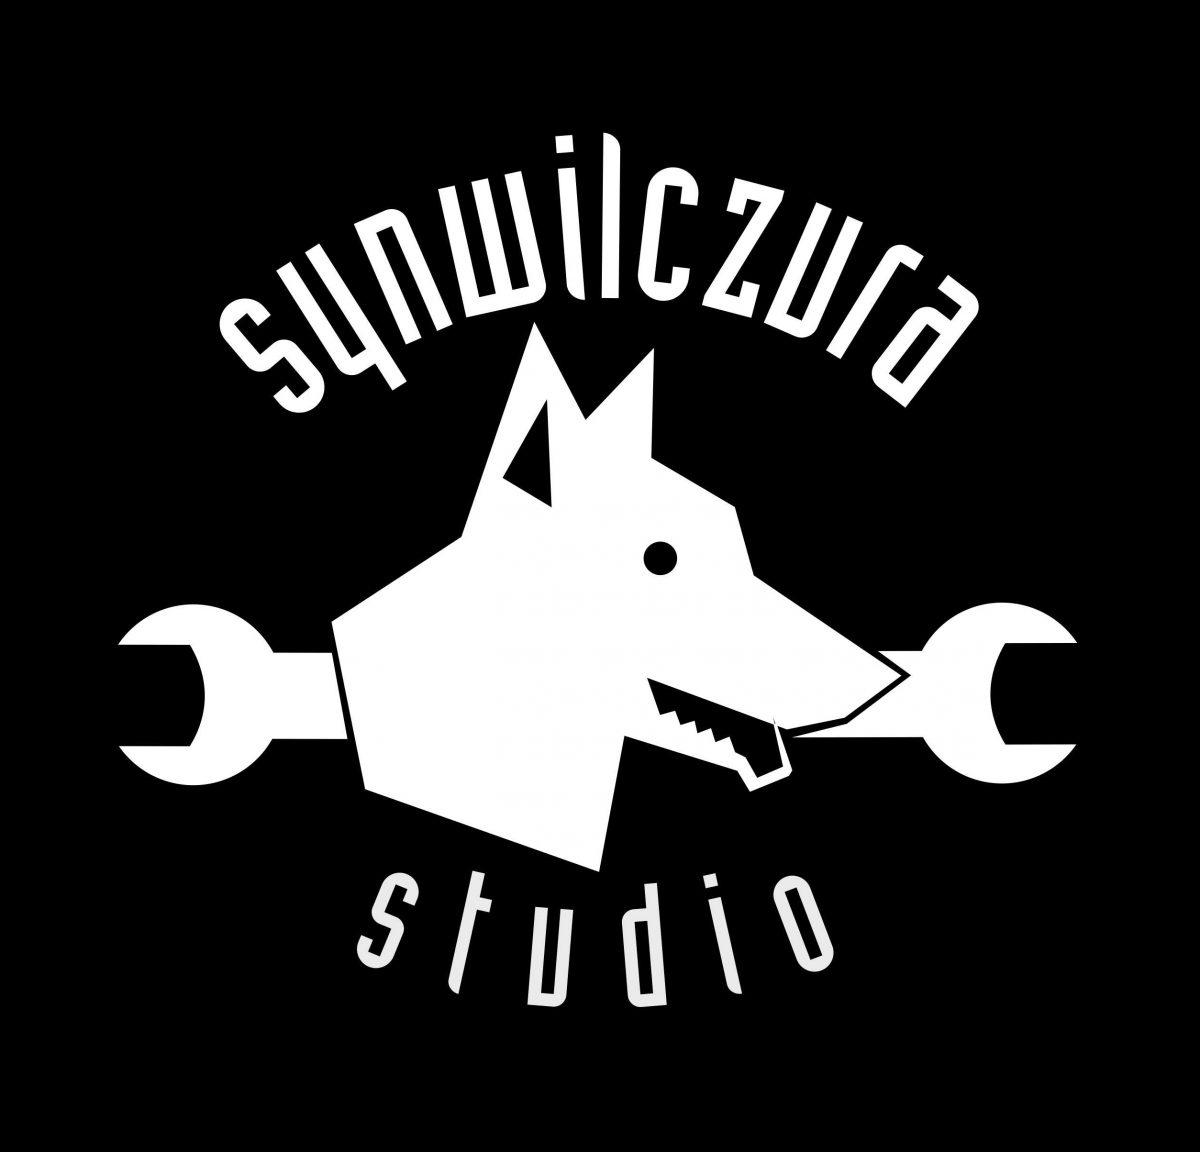 logo-synwilczura-studio-2015-4-pies-k-cz